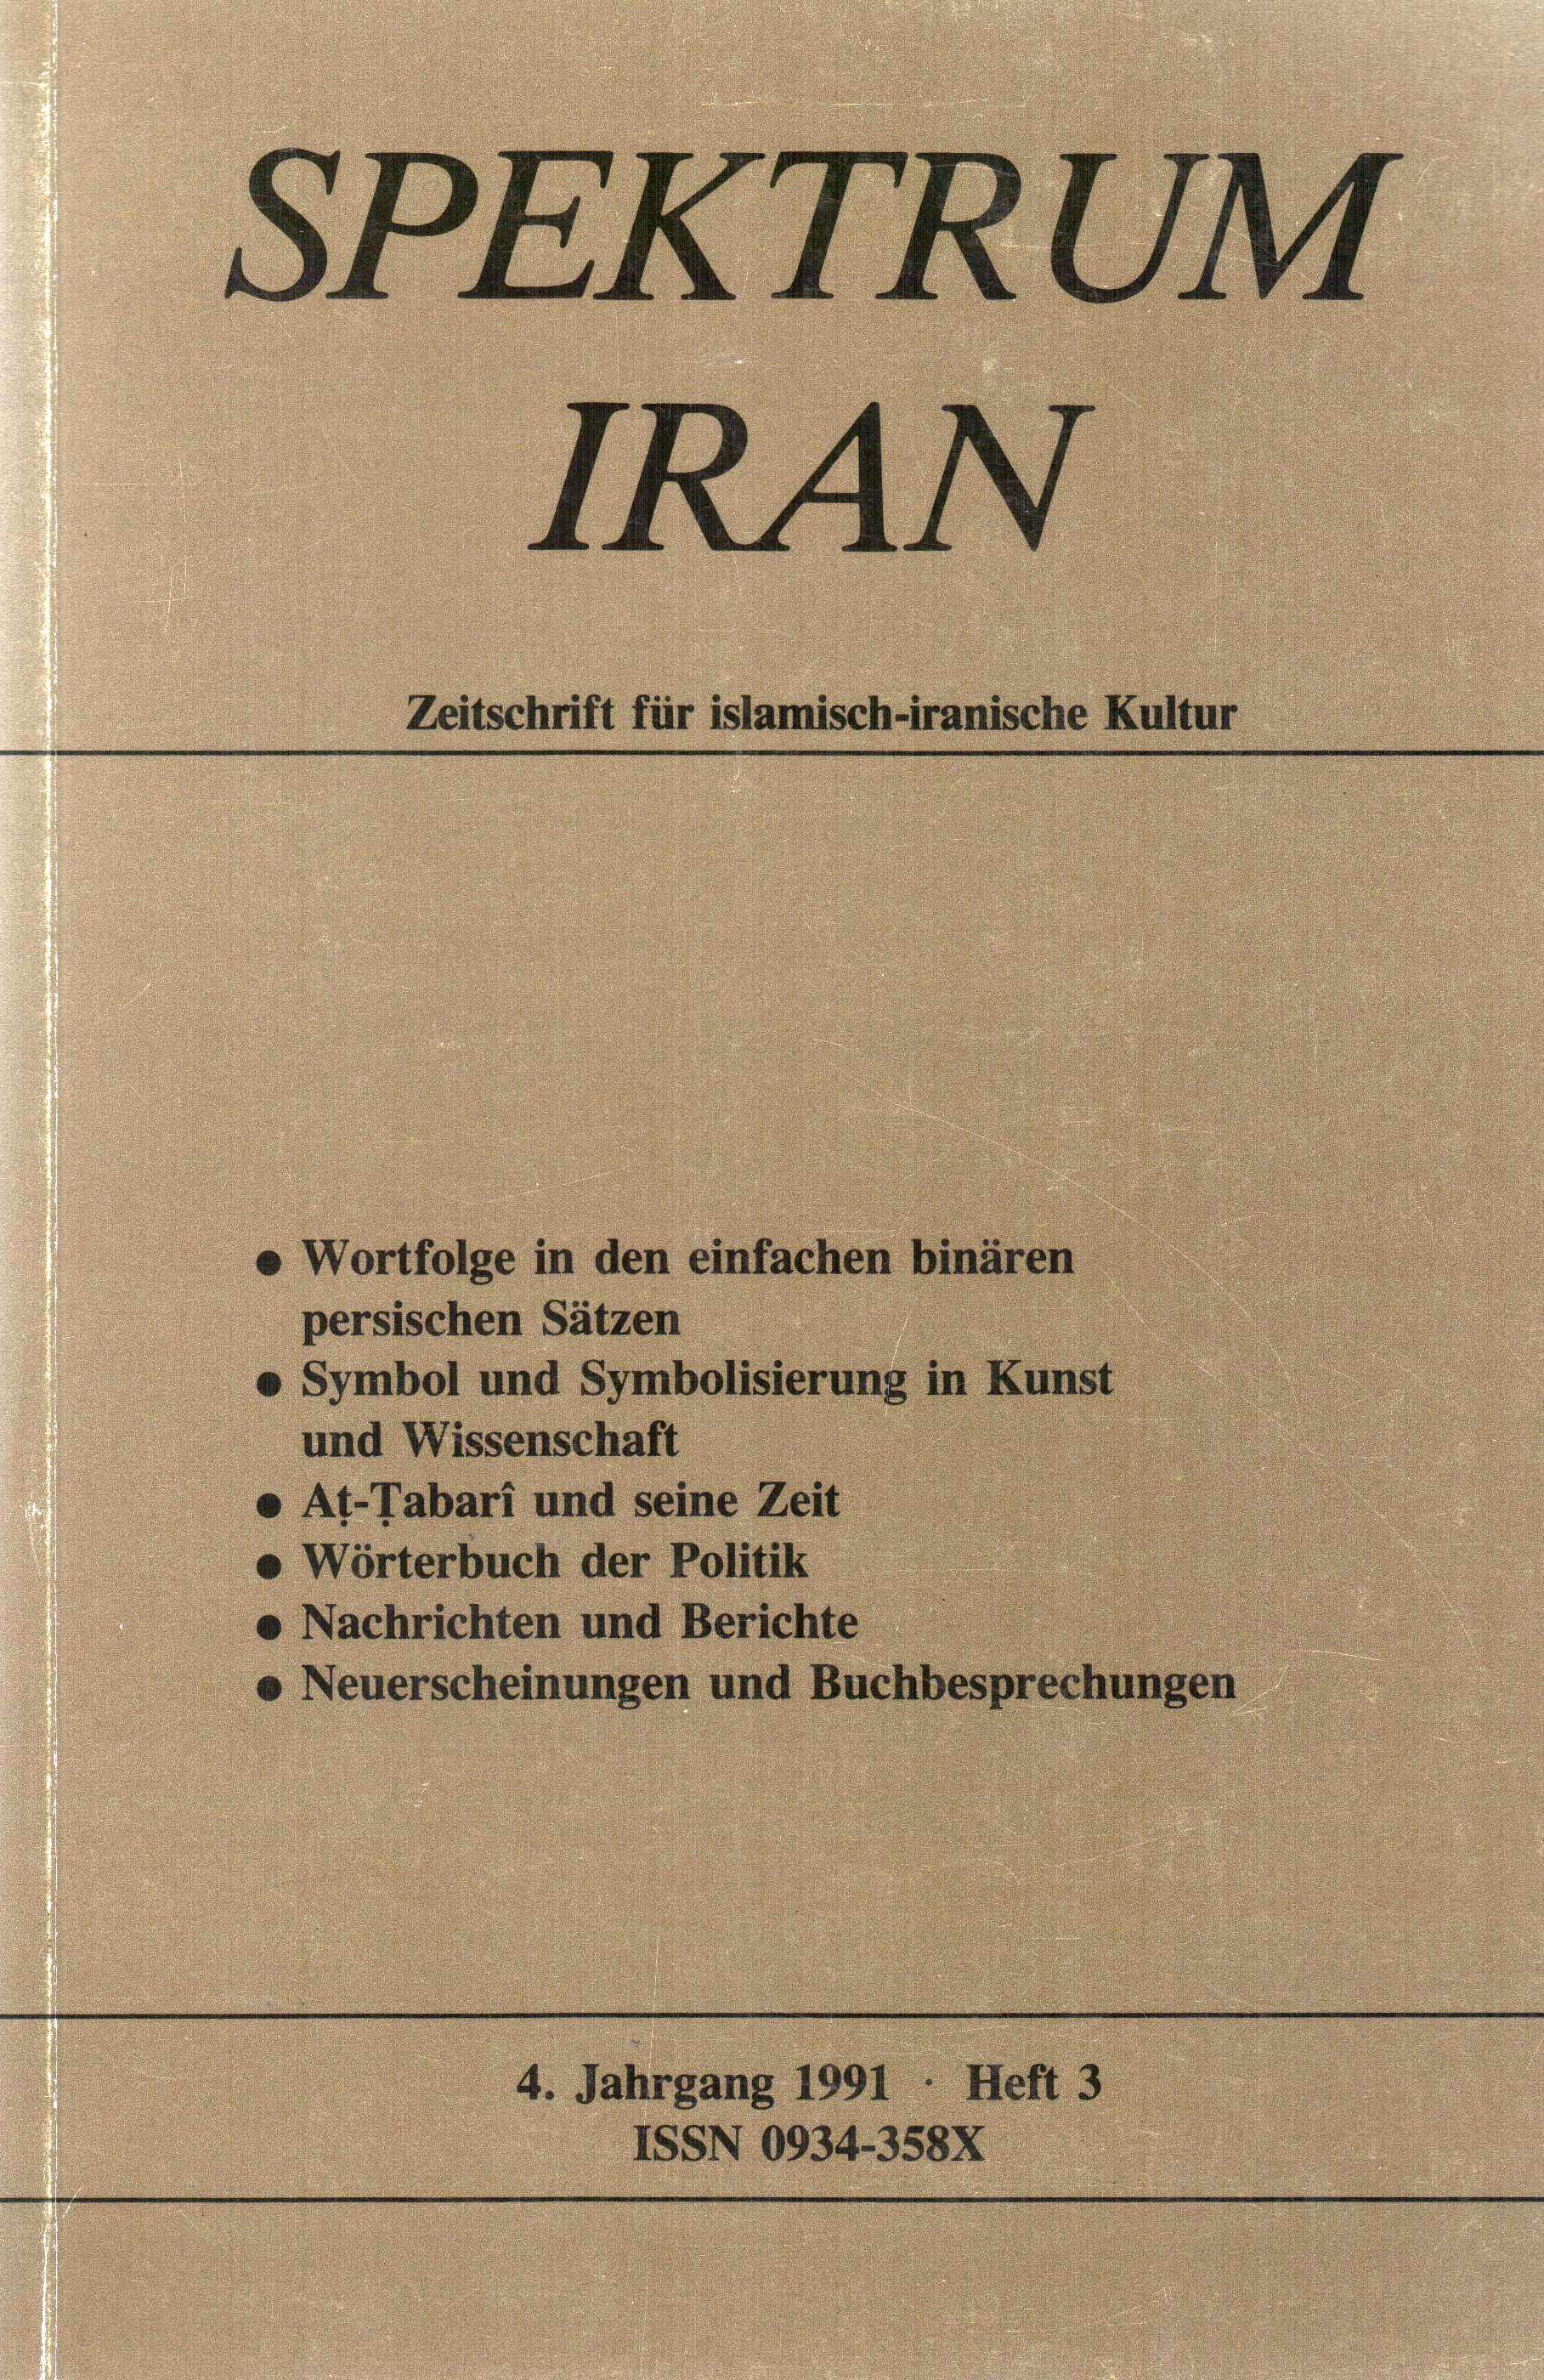 Spektrum Iran 3 - 1991